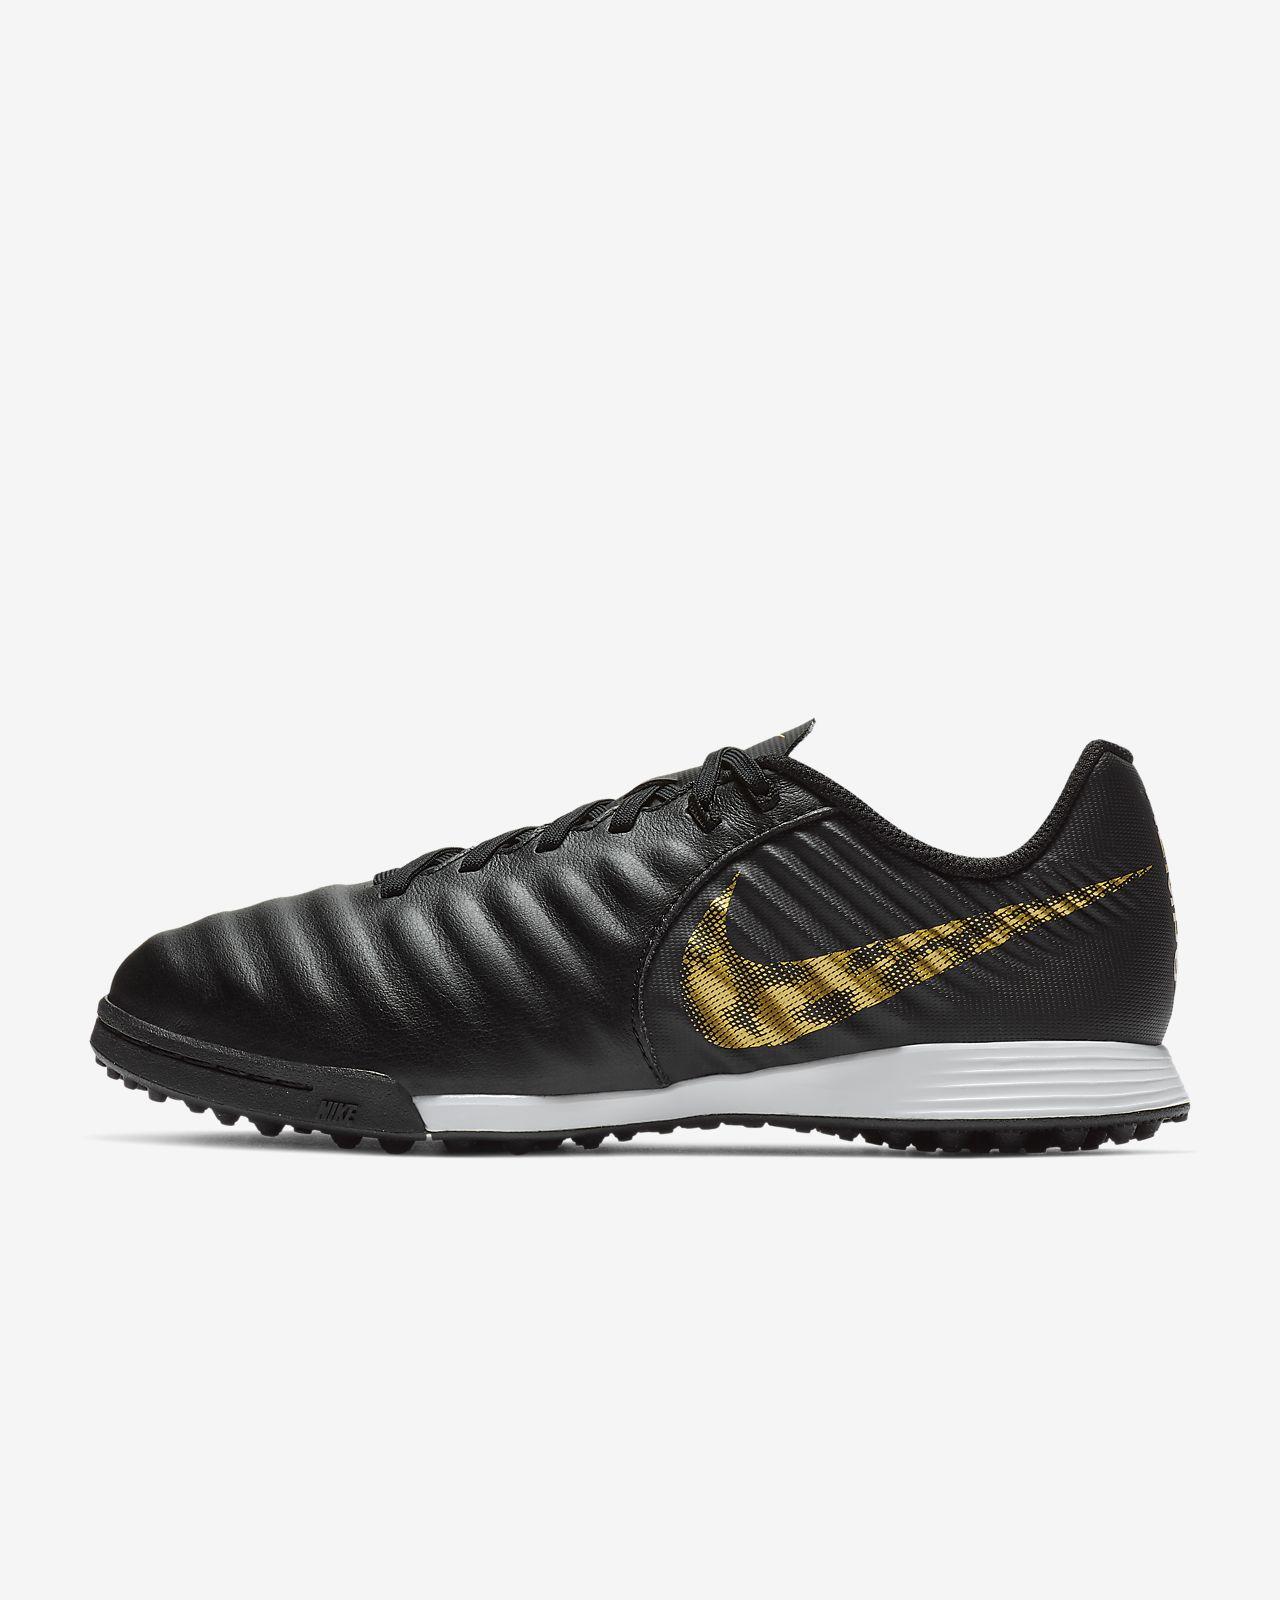 Chaussure de football pour surface synthétique Nike Jr. Tiempo Legend VII Academy TF pour Jeune enfant/Enfant plus âgé